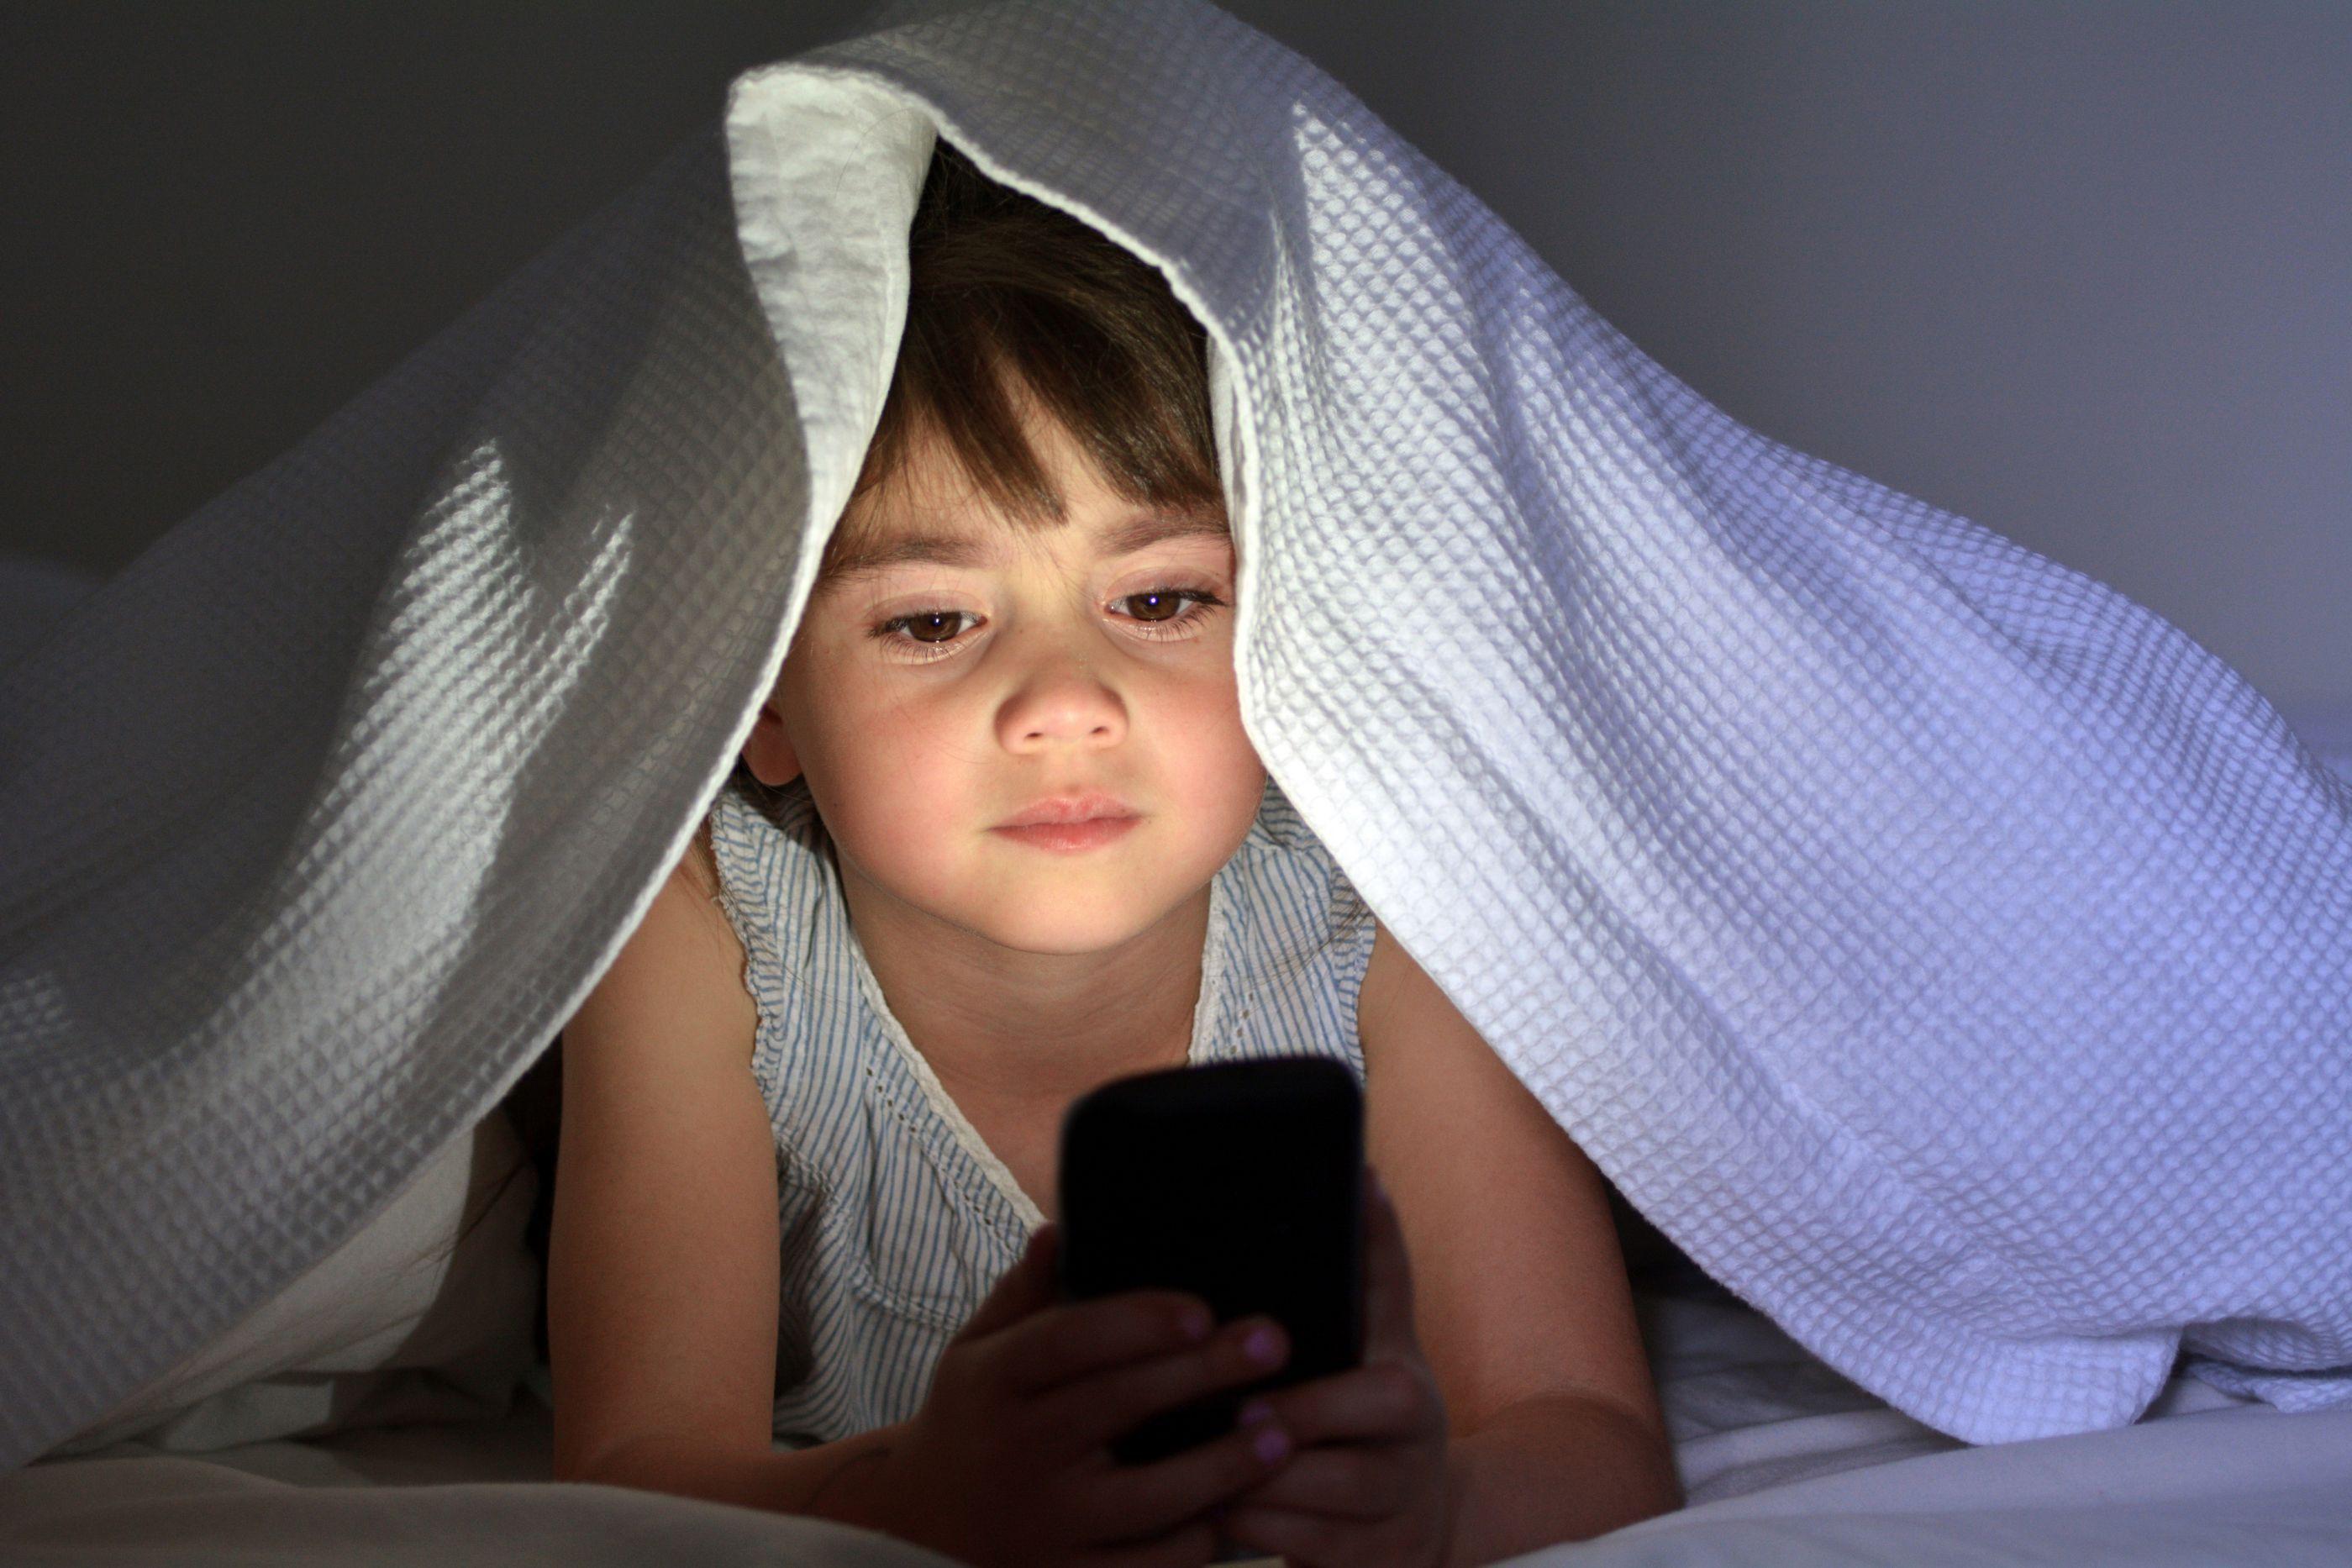 Especialistas alertam: crianças devem diminuir exposição a telas